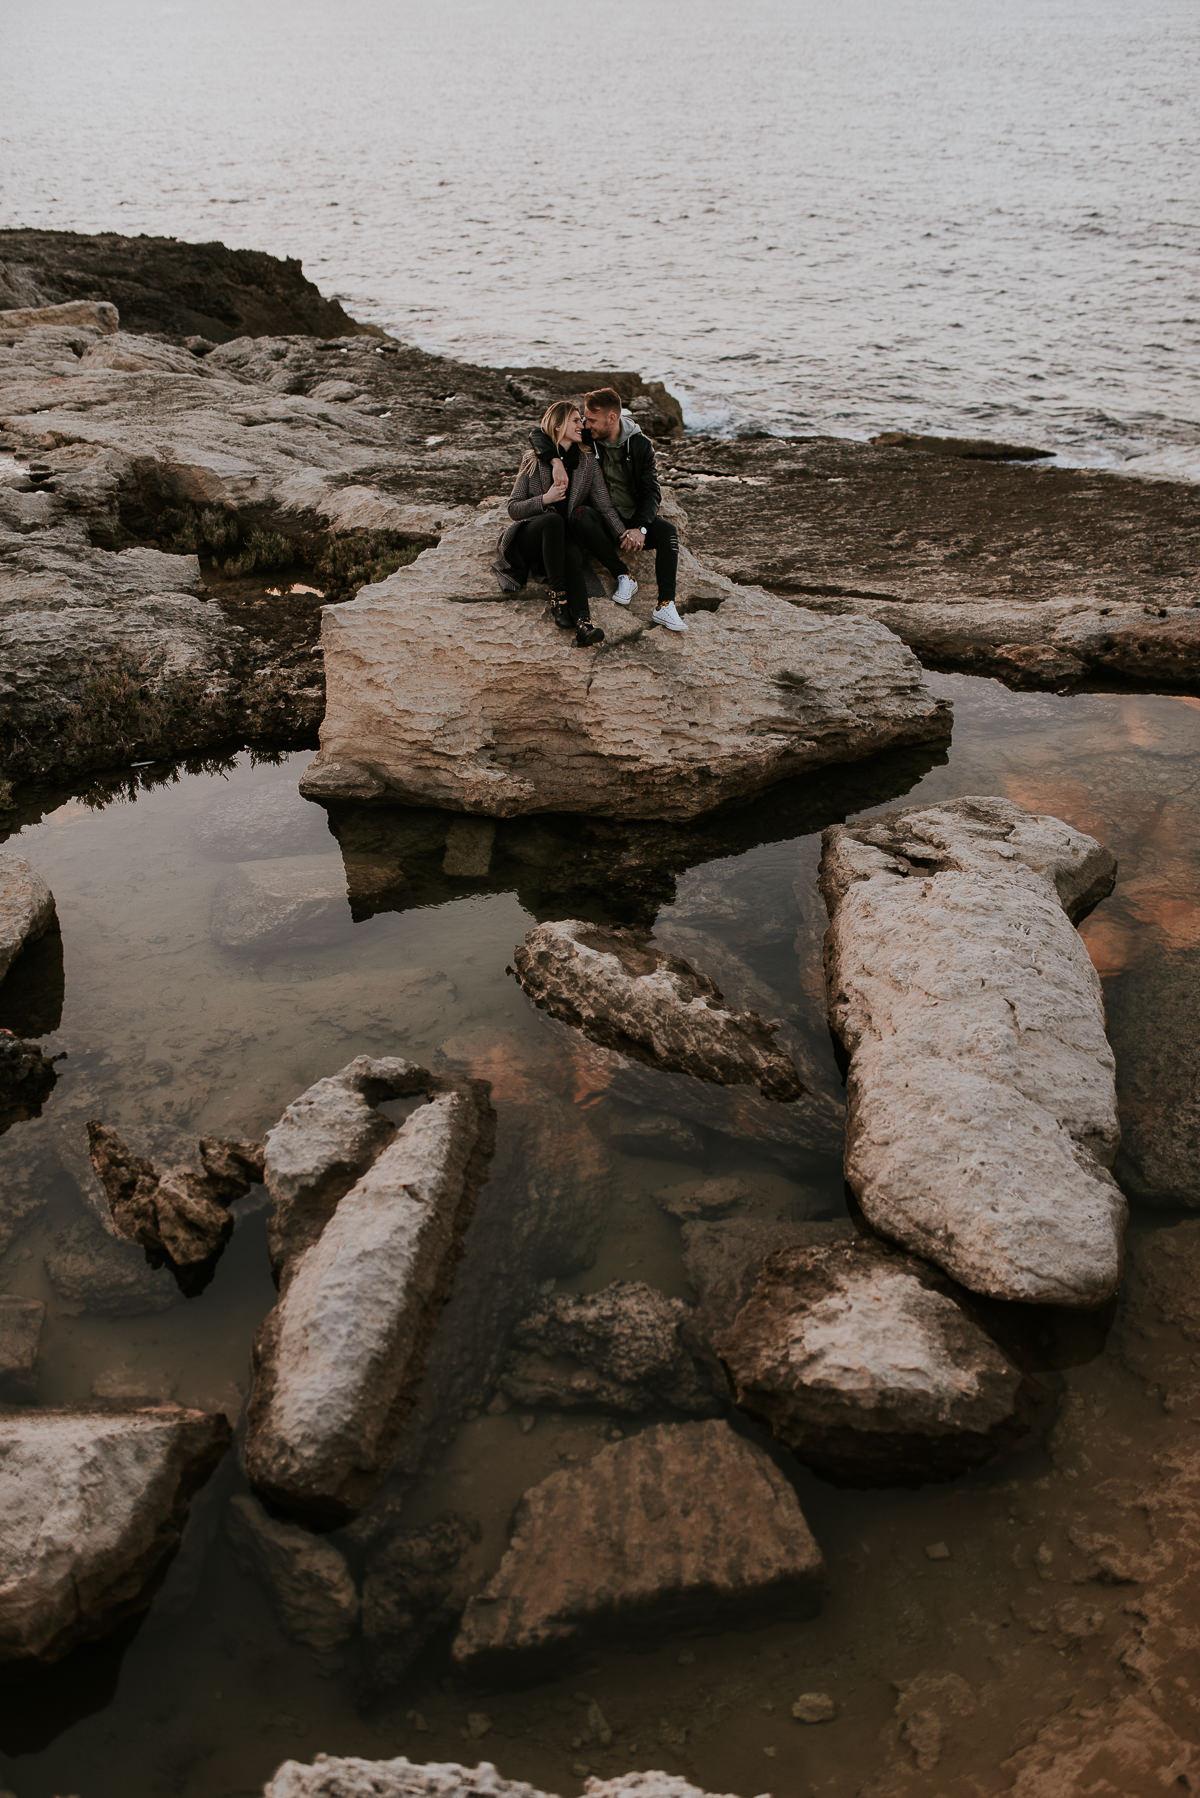 malta_zarocno_fotografiranje (90)